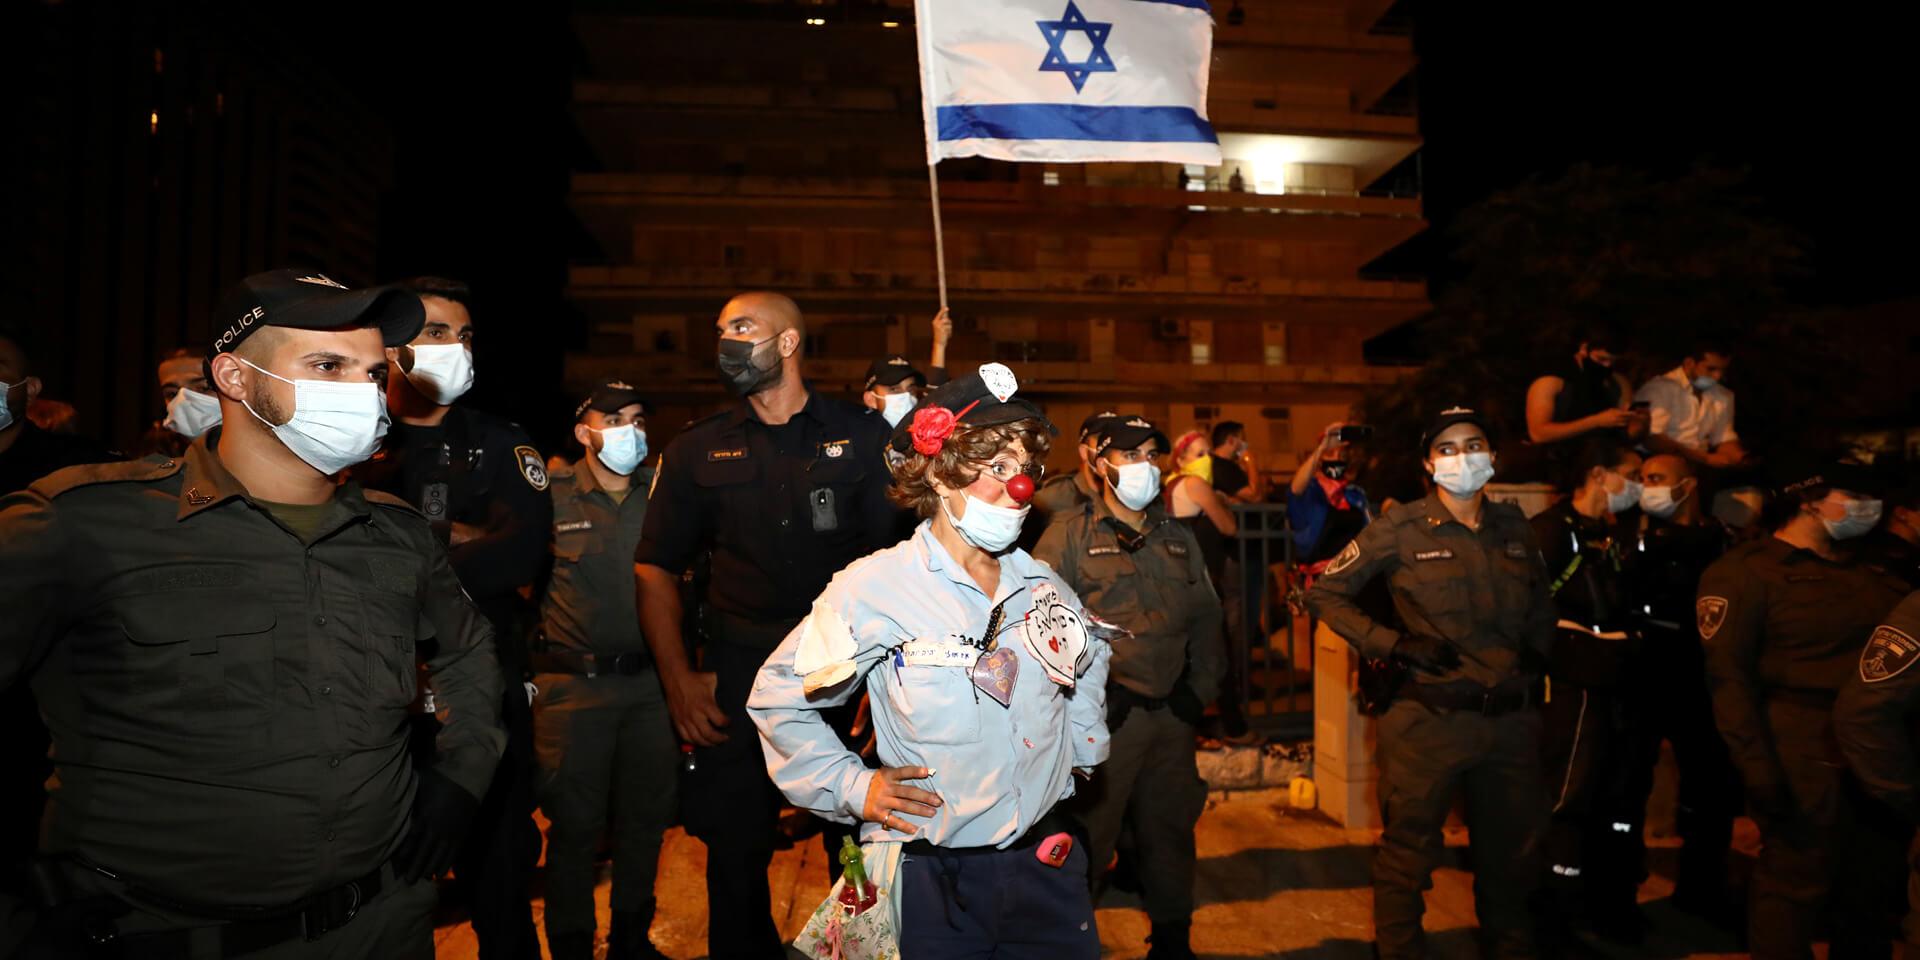 אישה בתחפושת שוטרת-ליצנית בהפגנה בירושלים בספטמבר | צילום: רויטרס